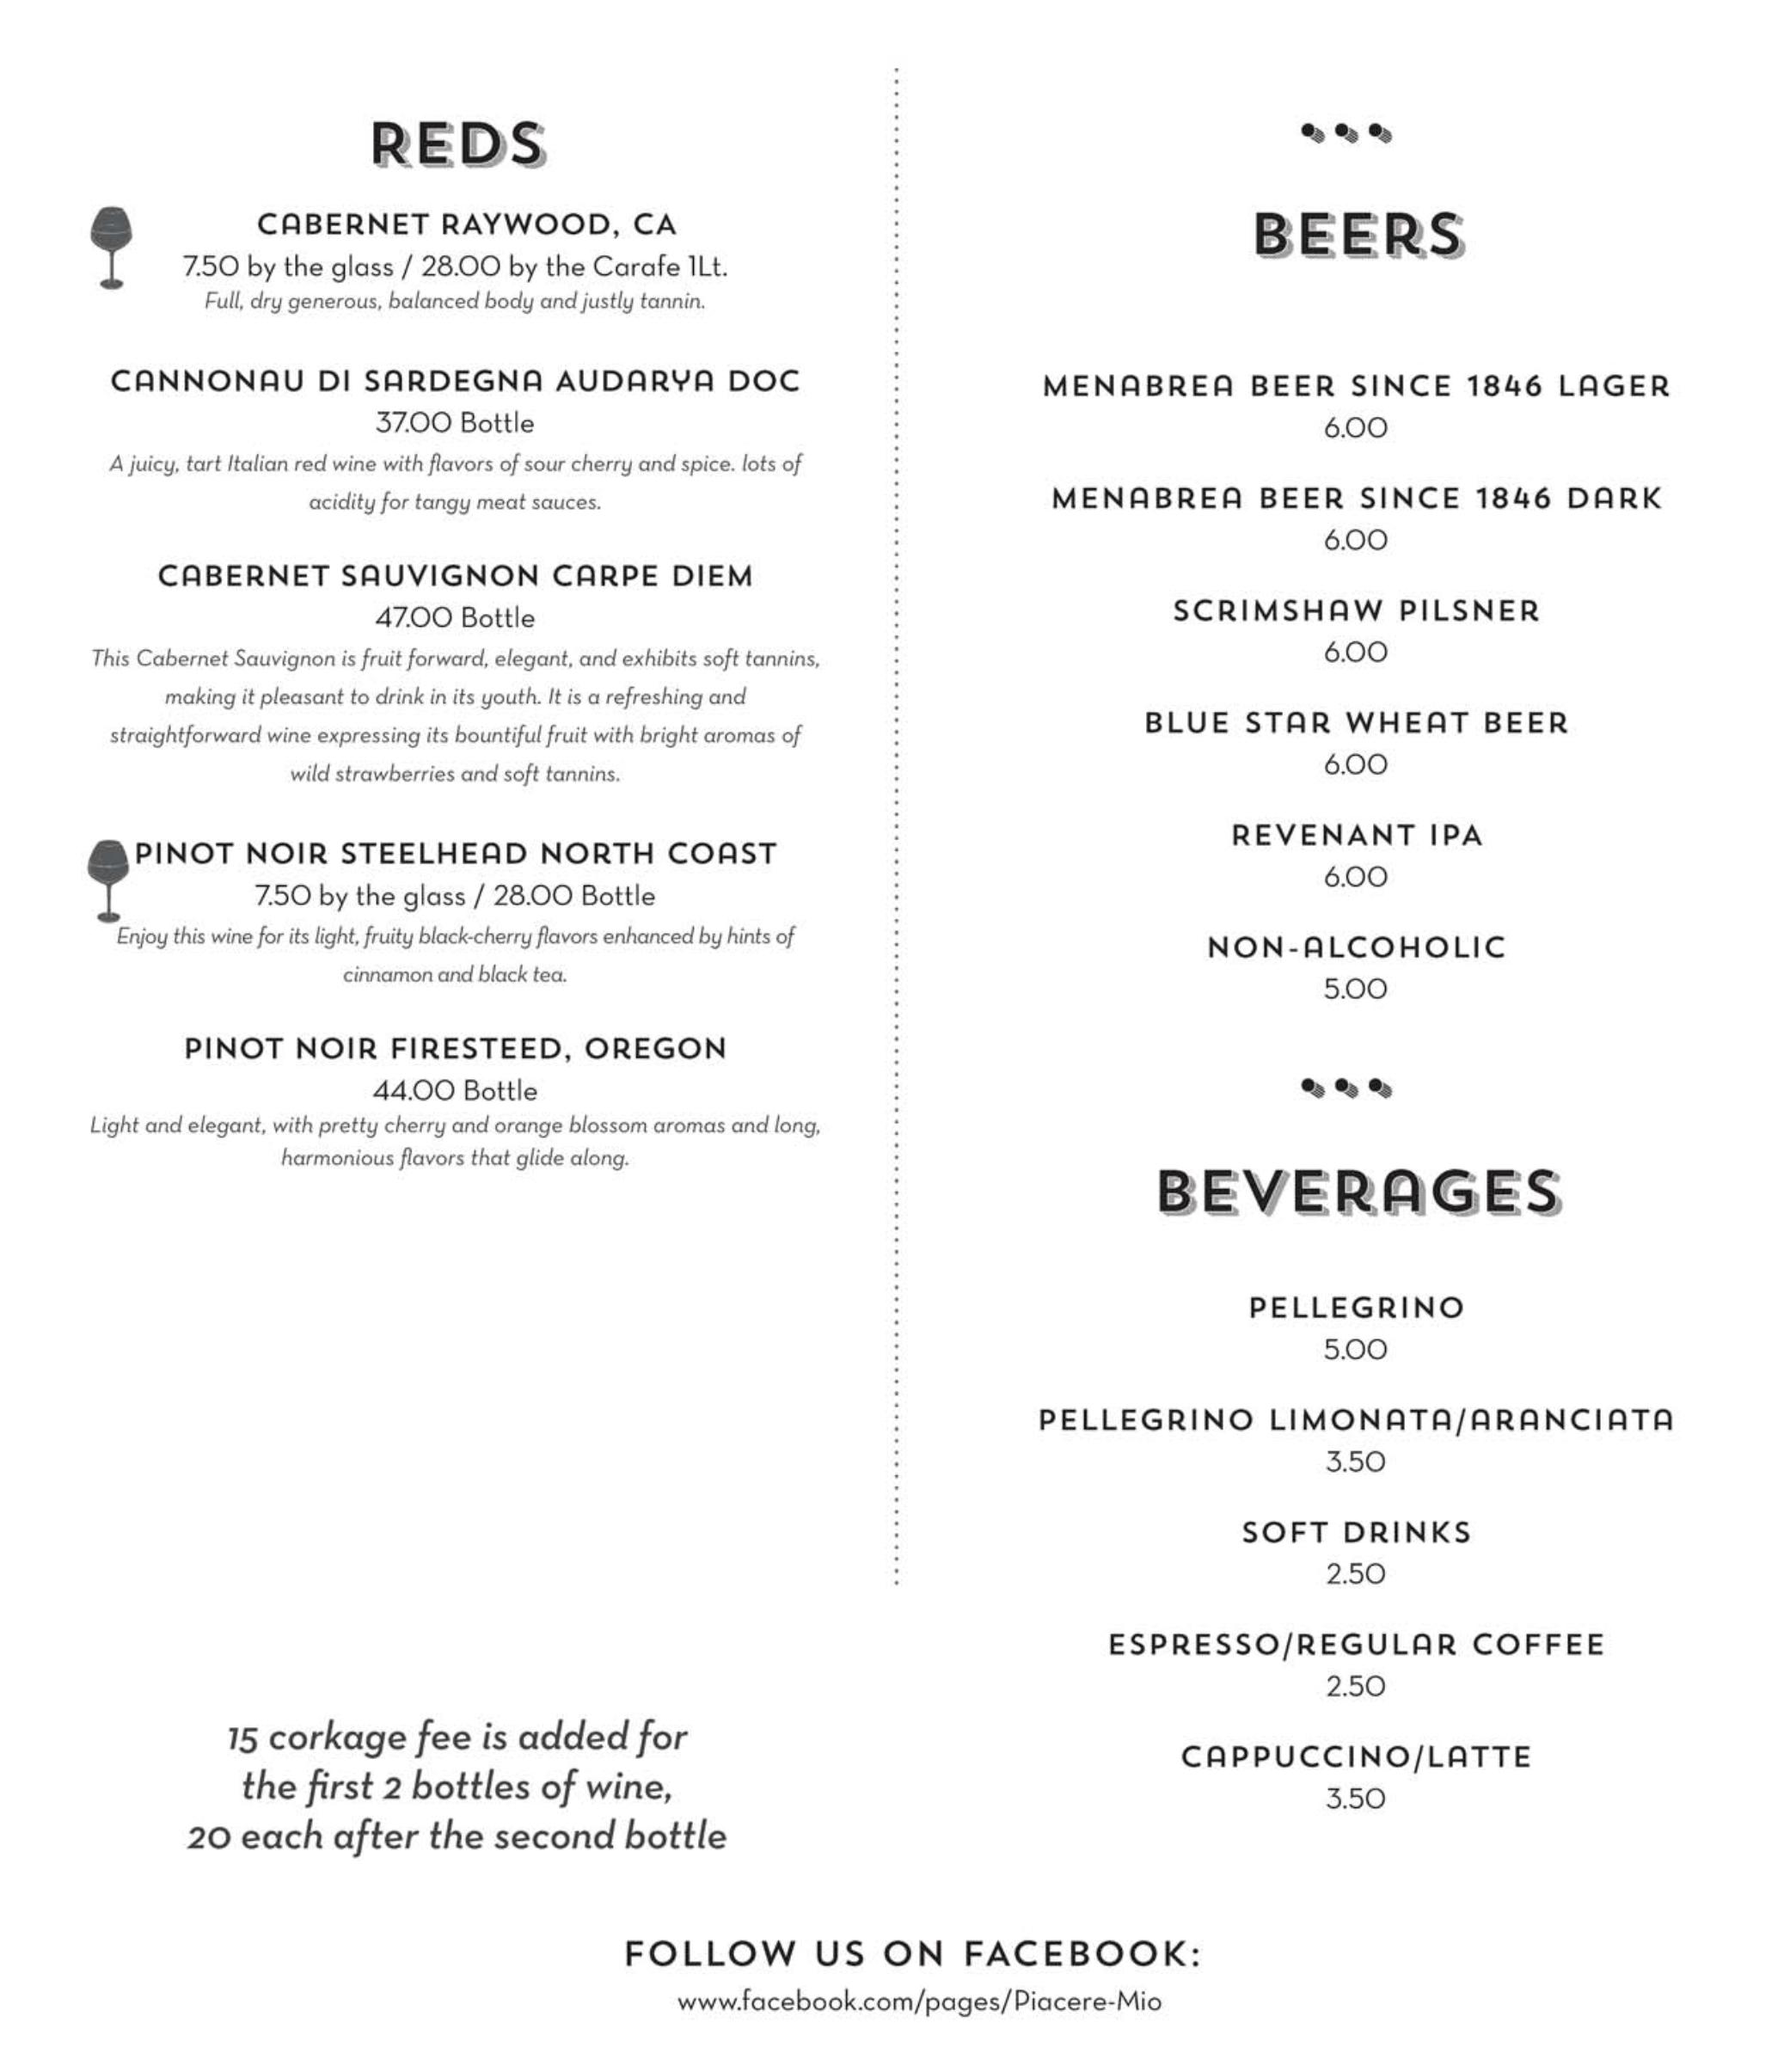 Wine Menu Reds and Beer menu